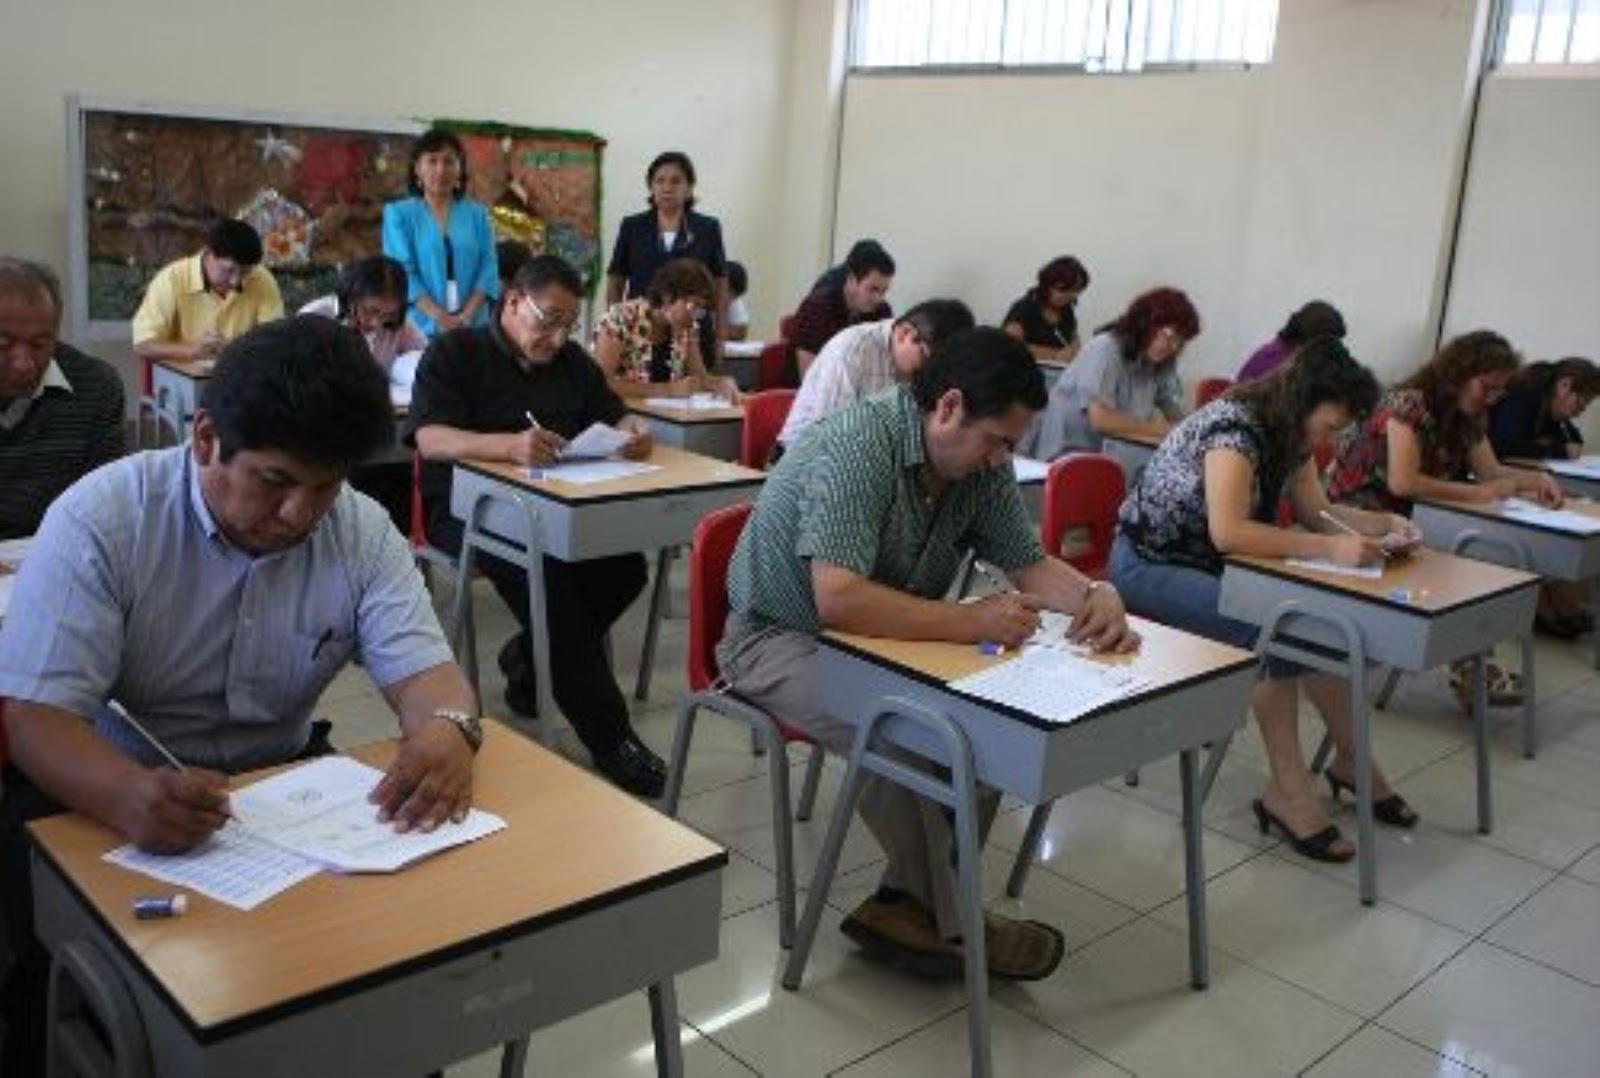 Loultimo cnsc anunciar convocatoria a concurso docente for Convocatoria concurso de docentes 2016